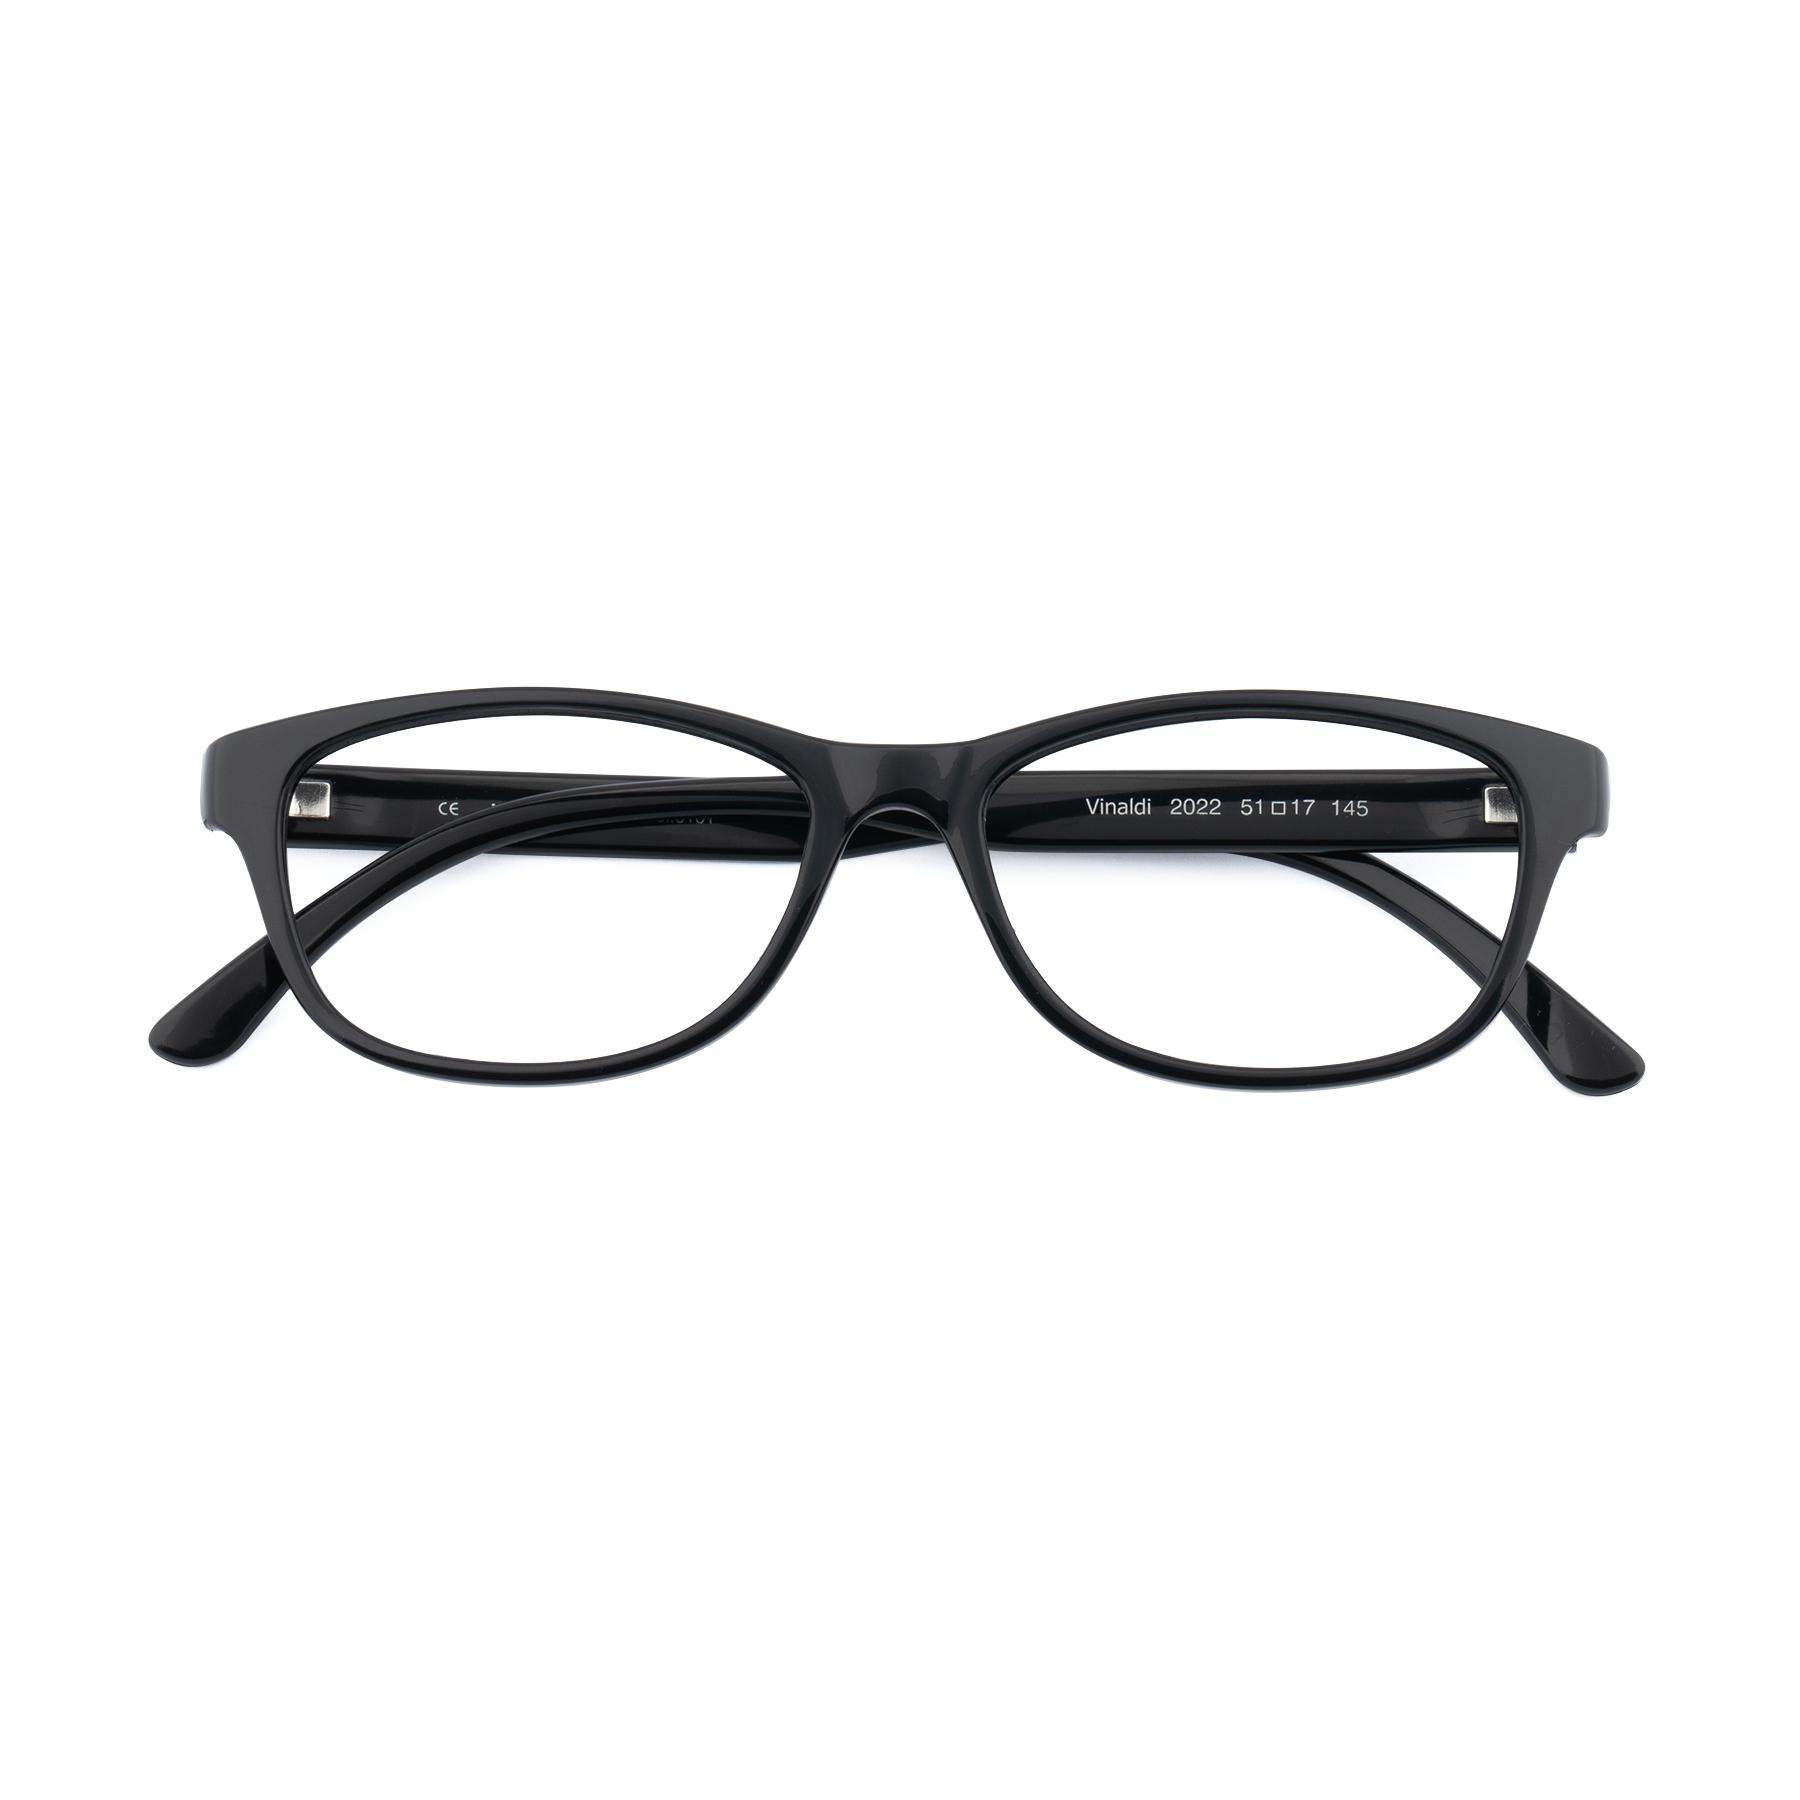 Vinaldi 2022 Gözlük Çerçevesi